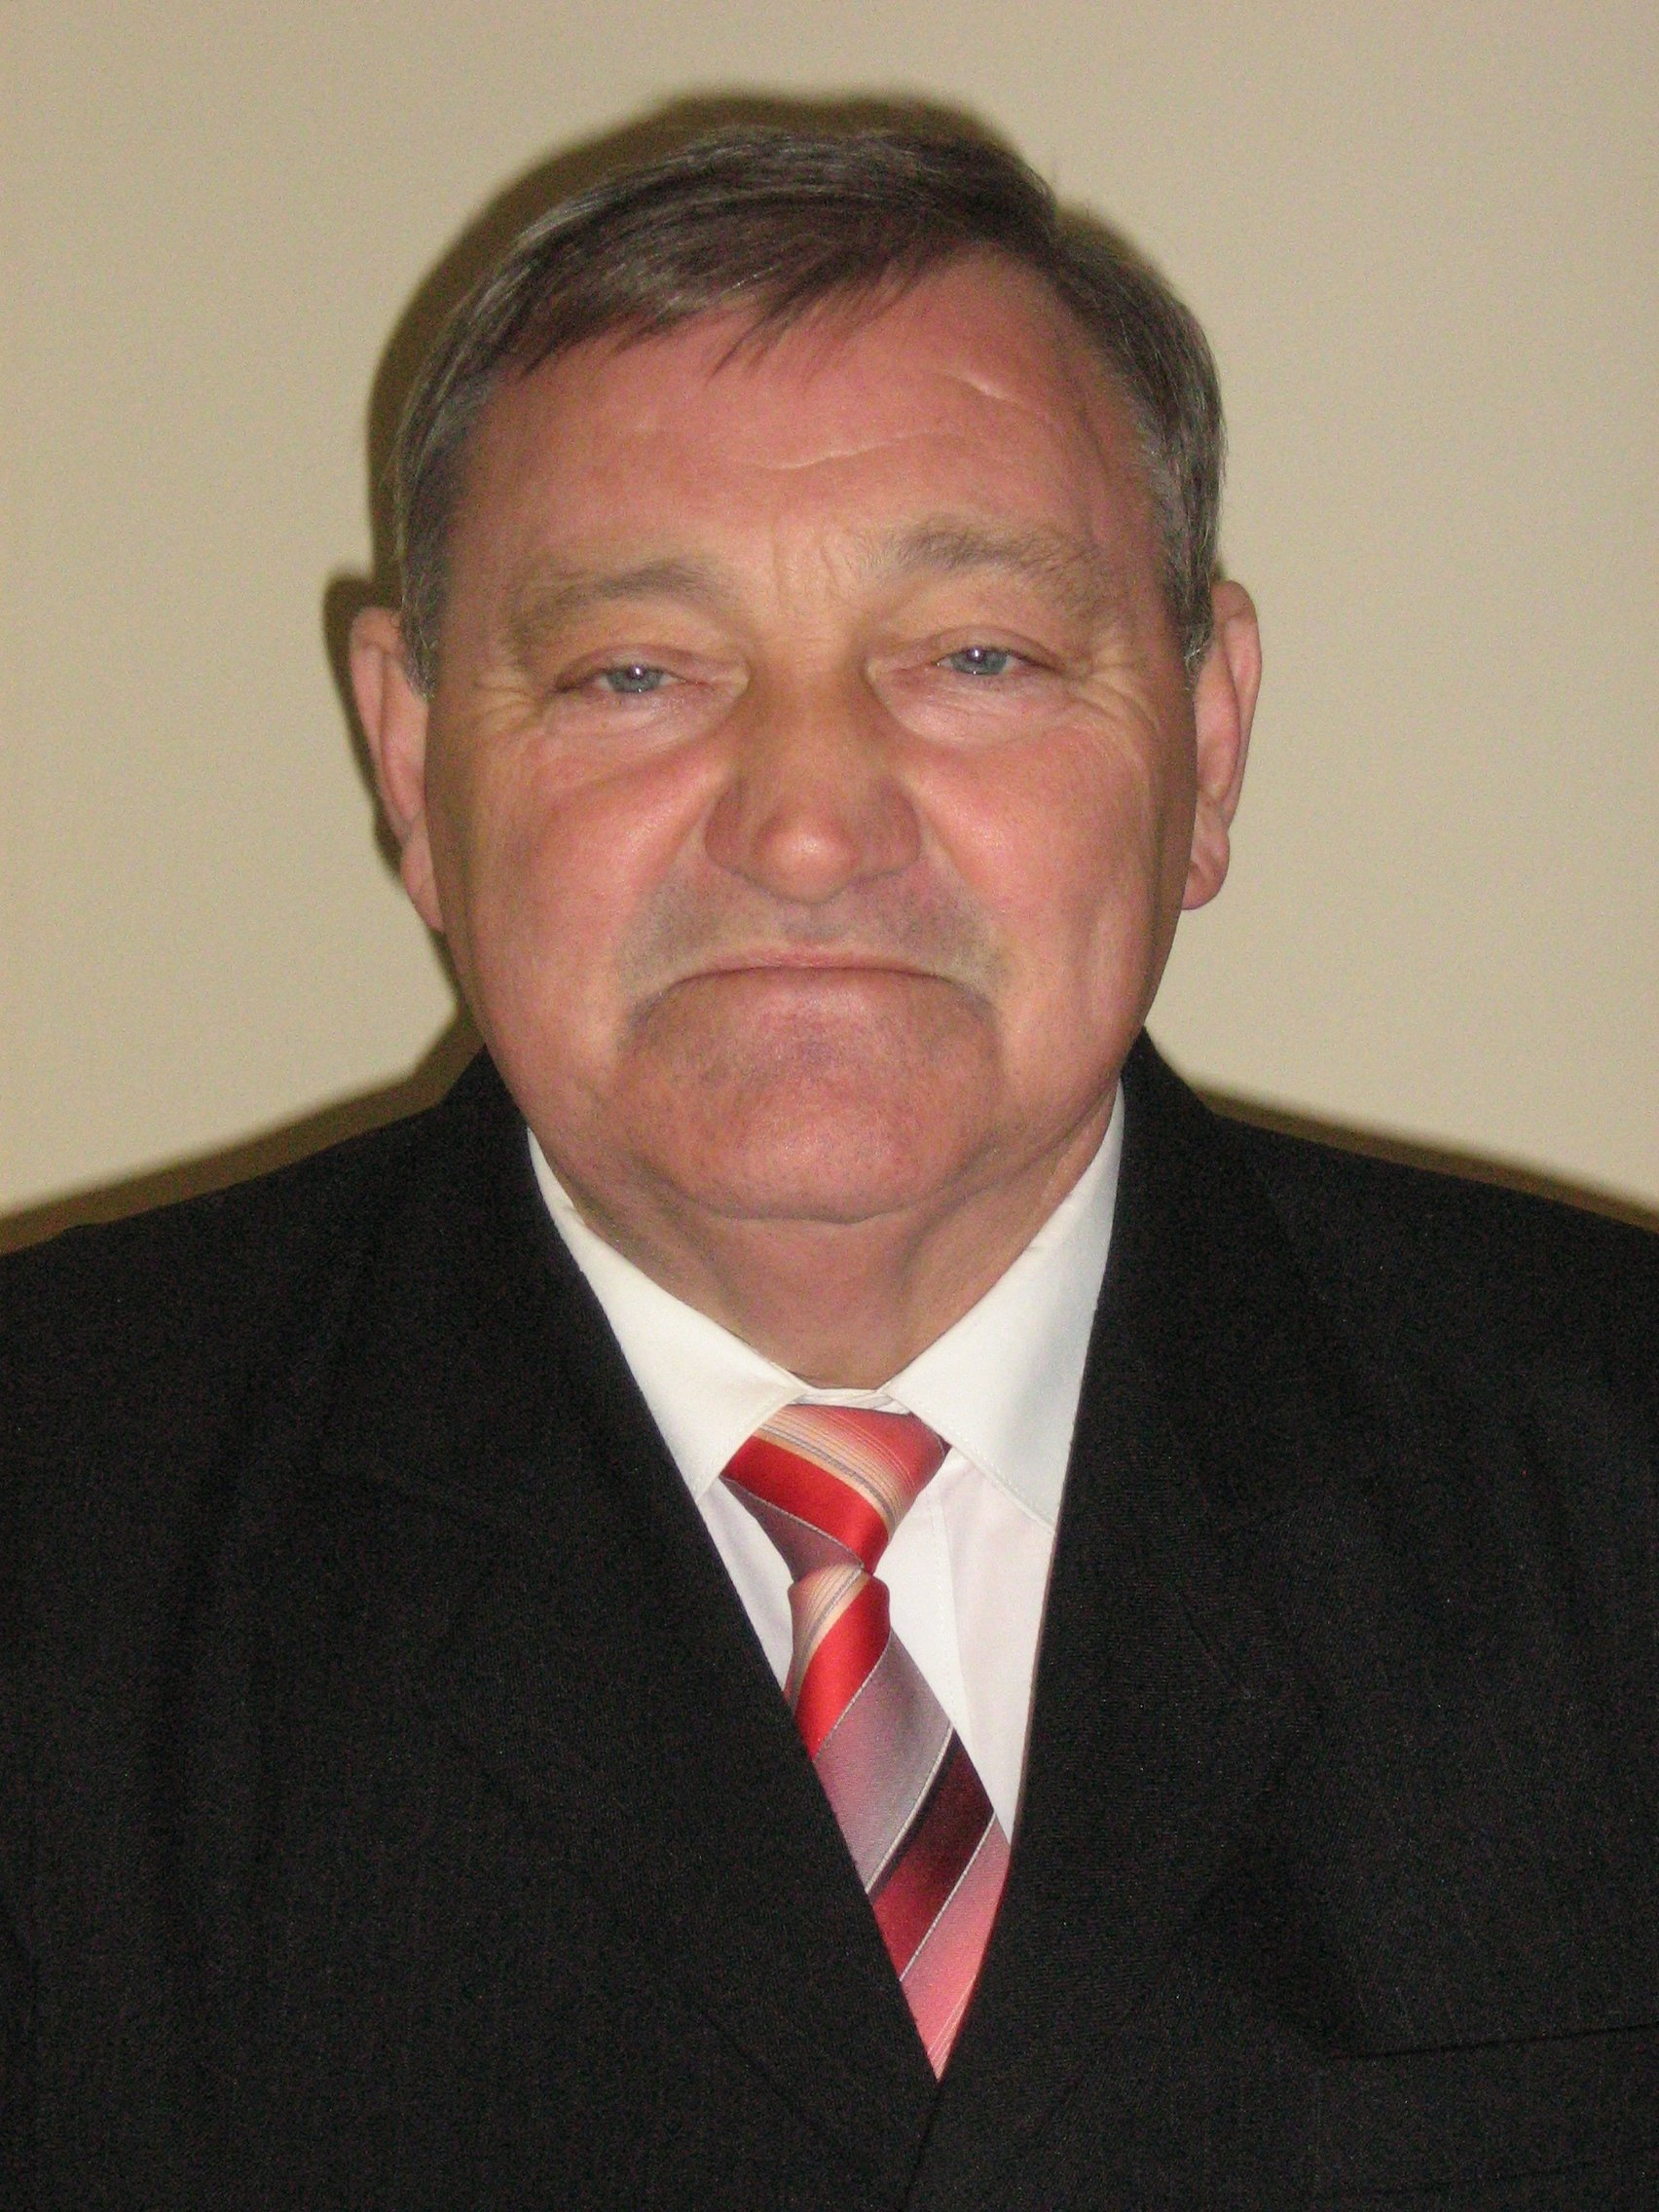 Tilhof István